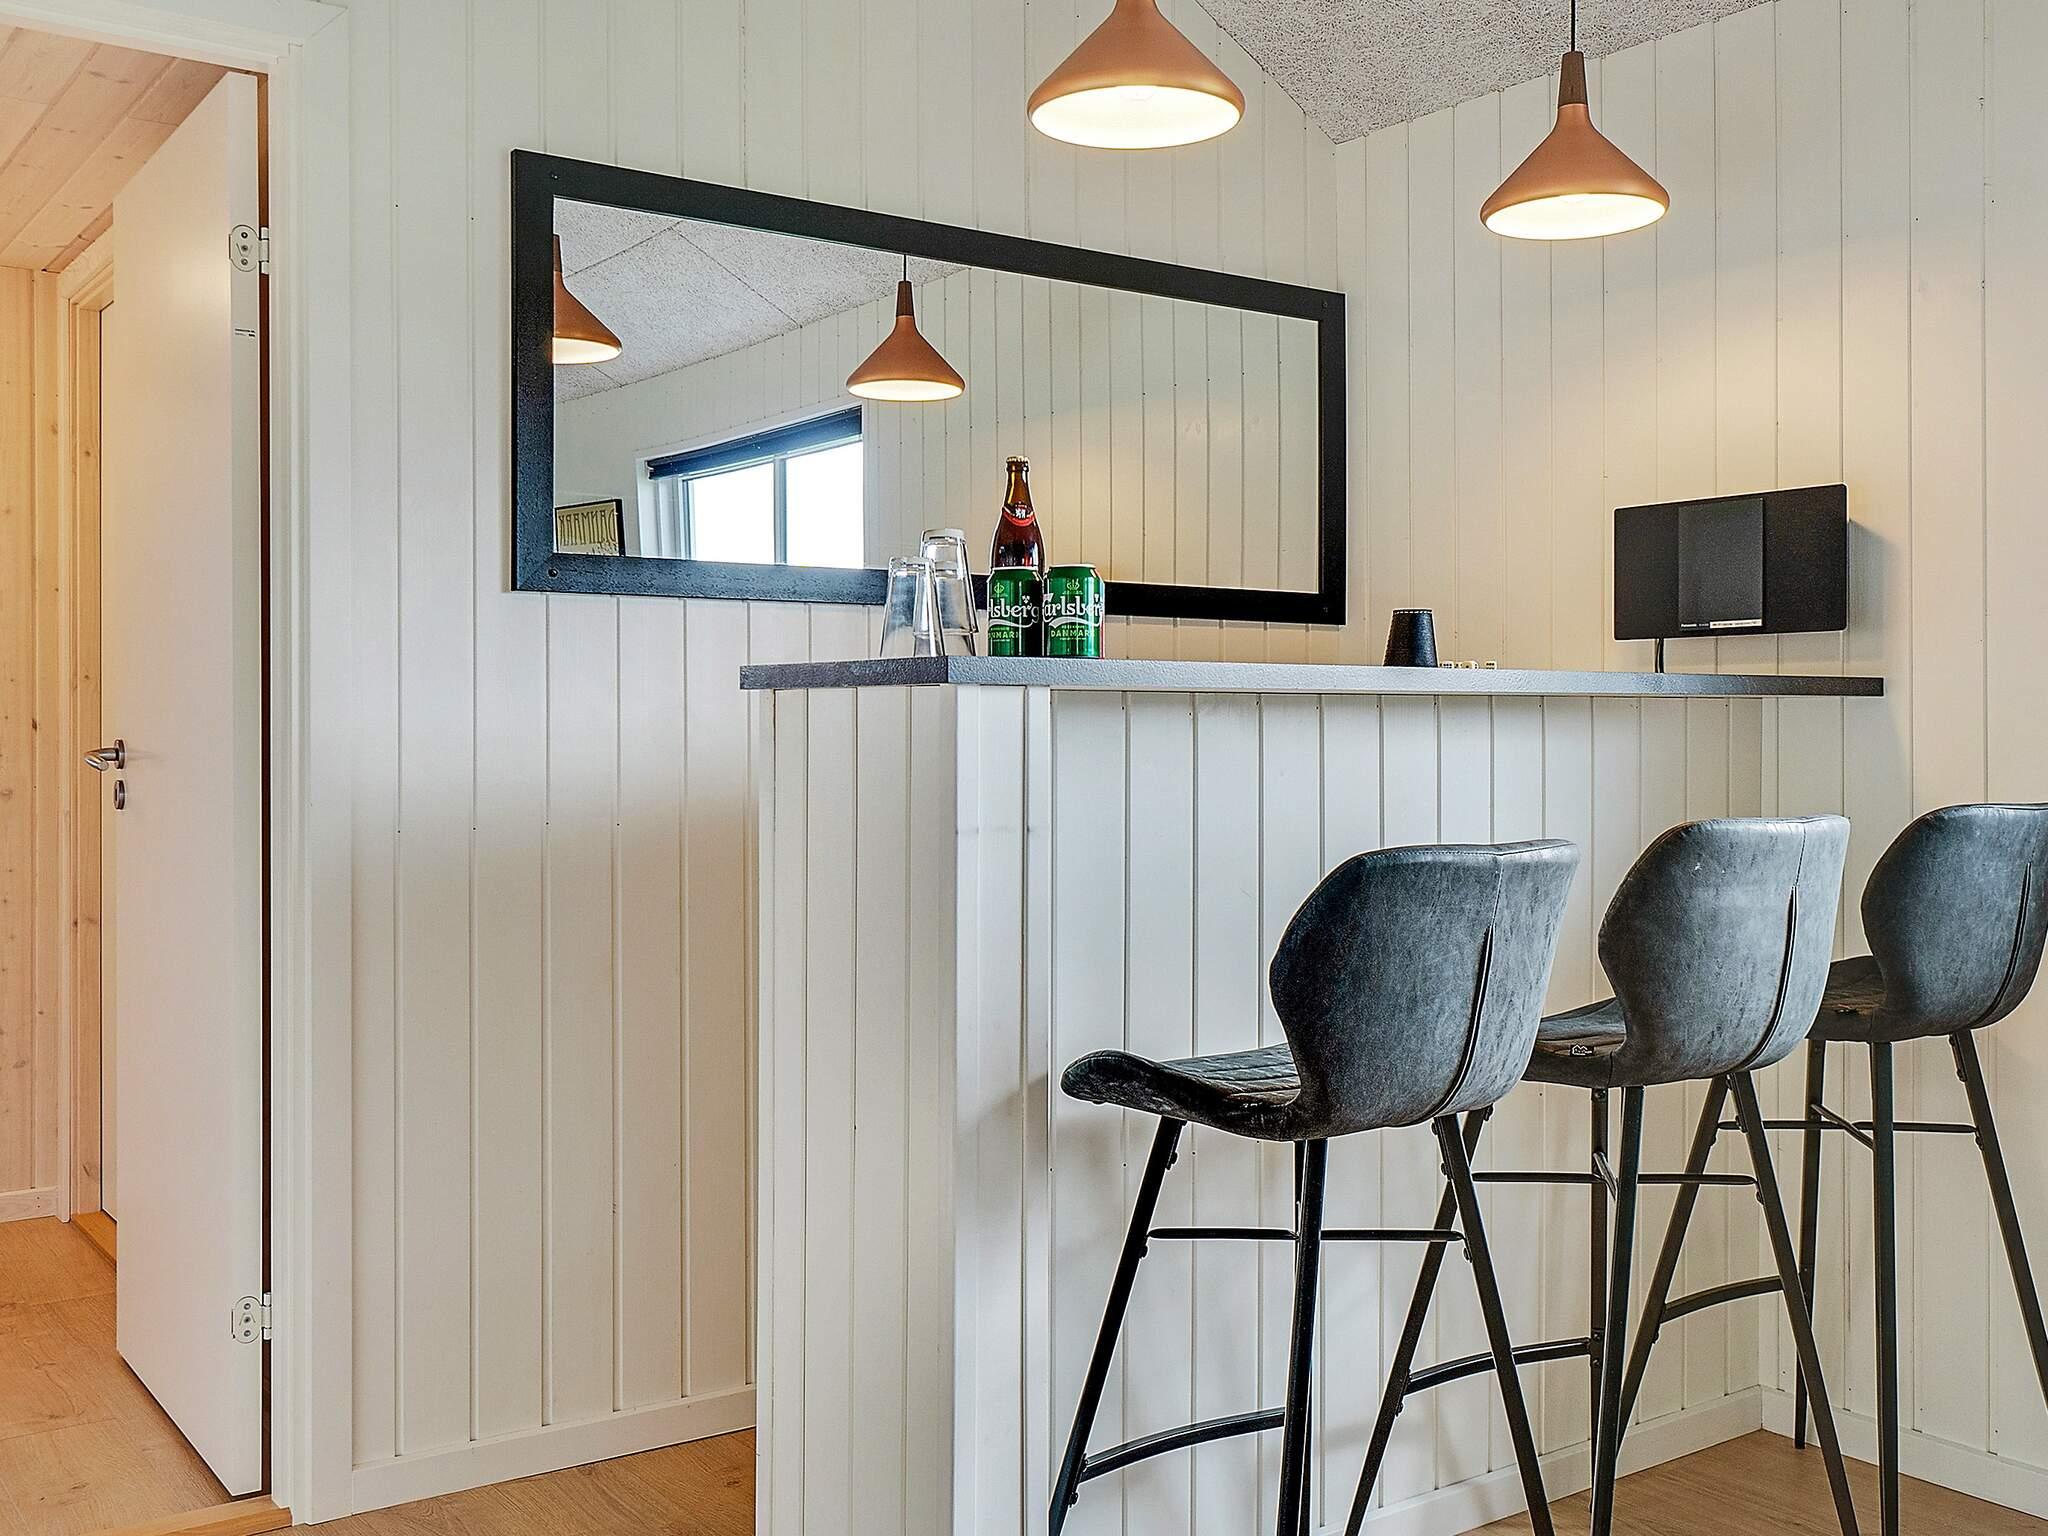 Ferienhaus Houstrup Strand (2561591), Nørre Nebel, , Westjütland, Dänemark, Bild 13